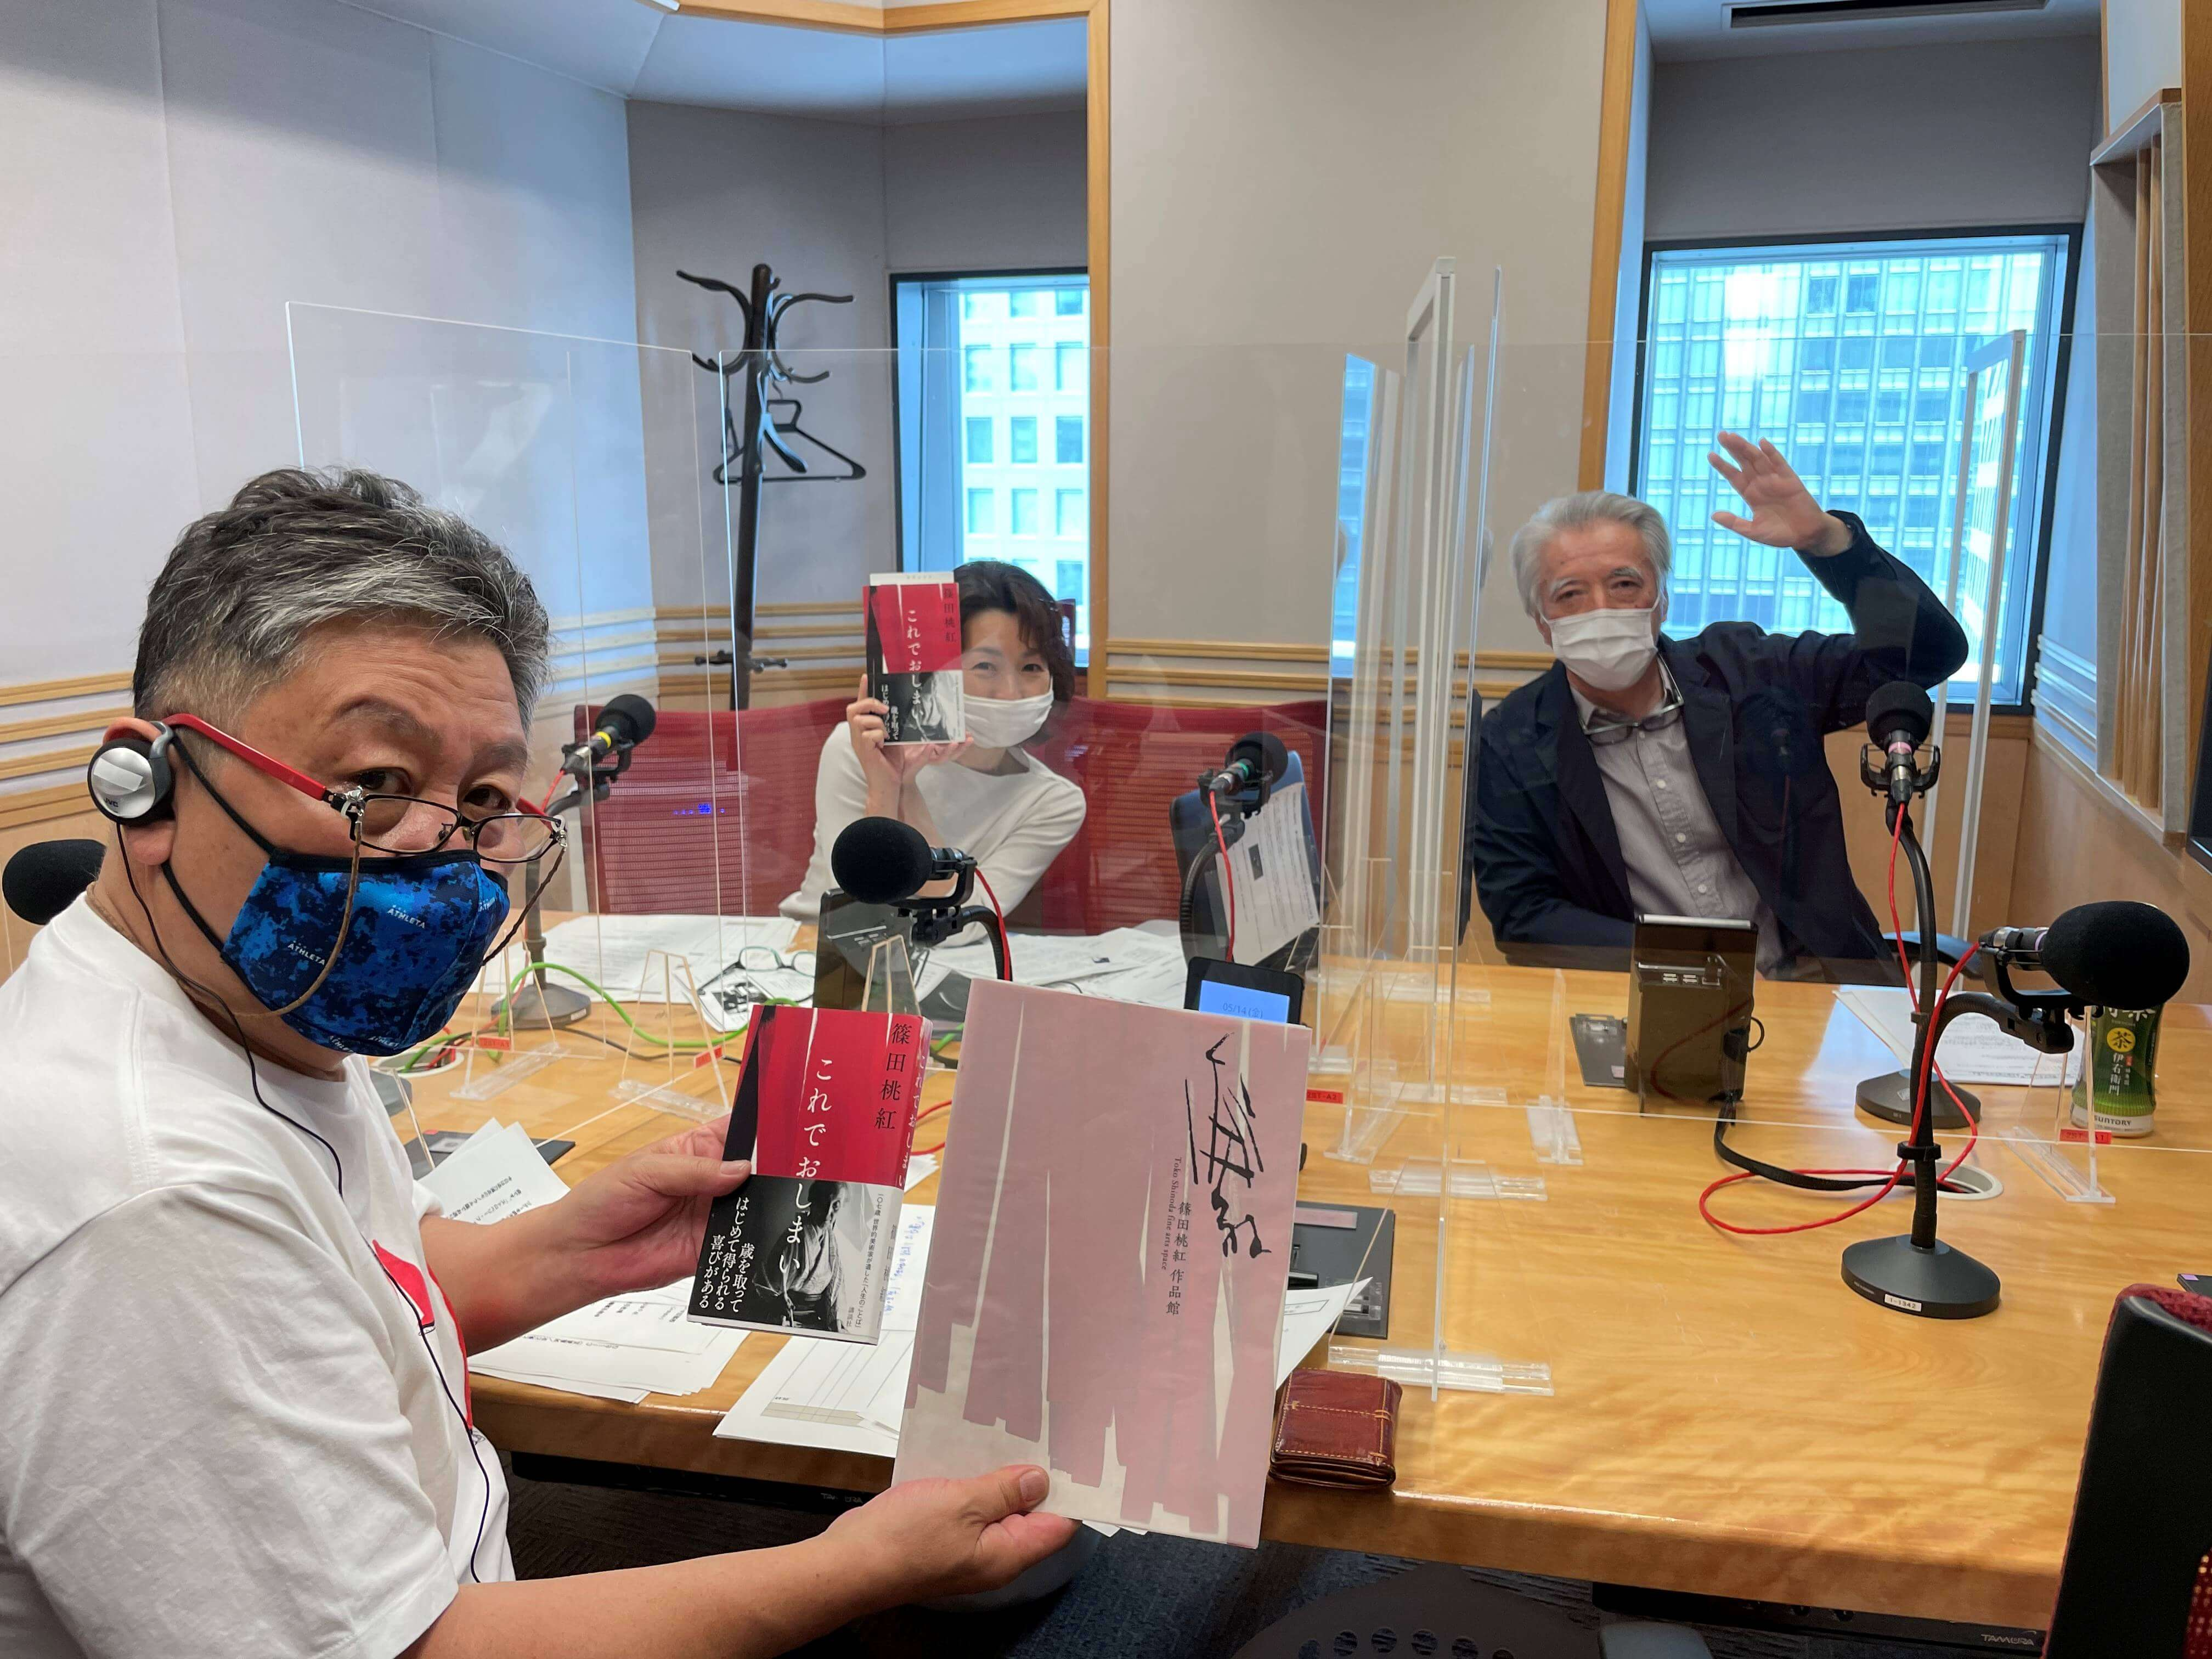 『くにまるジャパン極・極シアター』5月14日(金)のお客様:若山滋さん・渡辺雅史さん